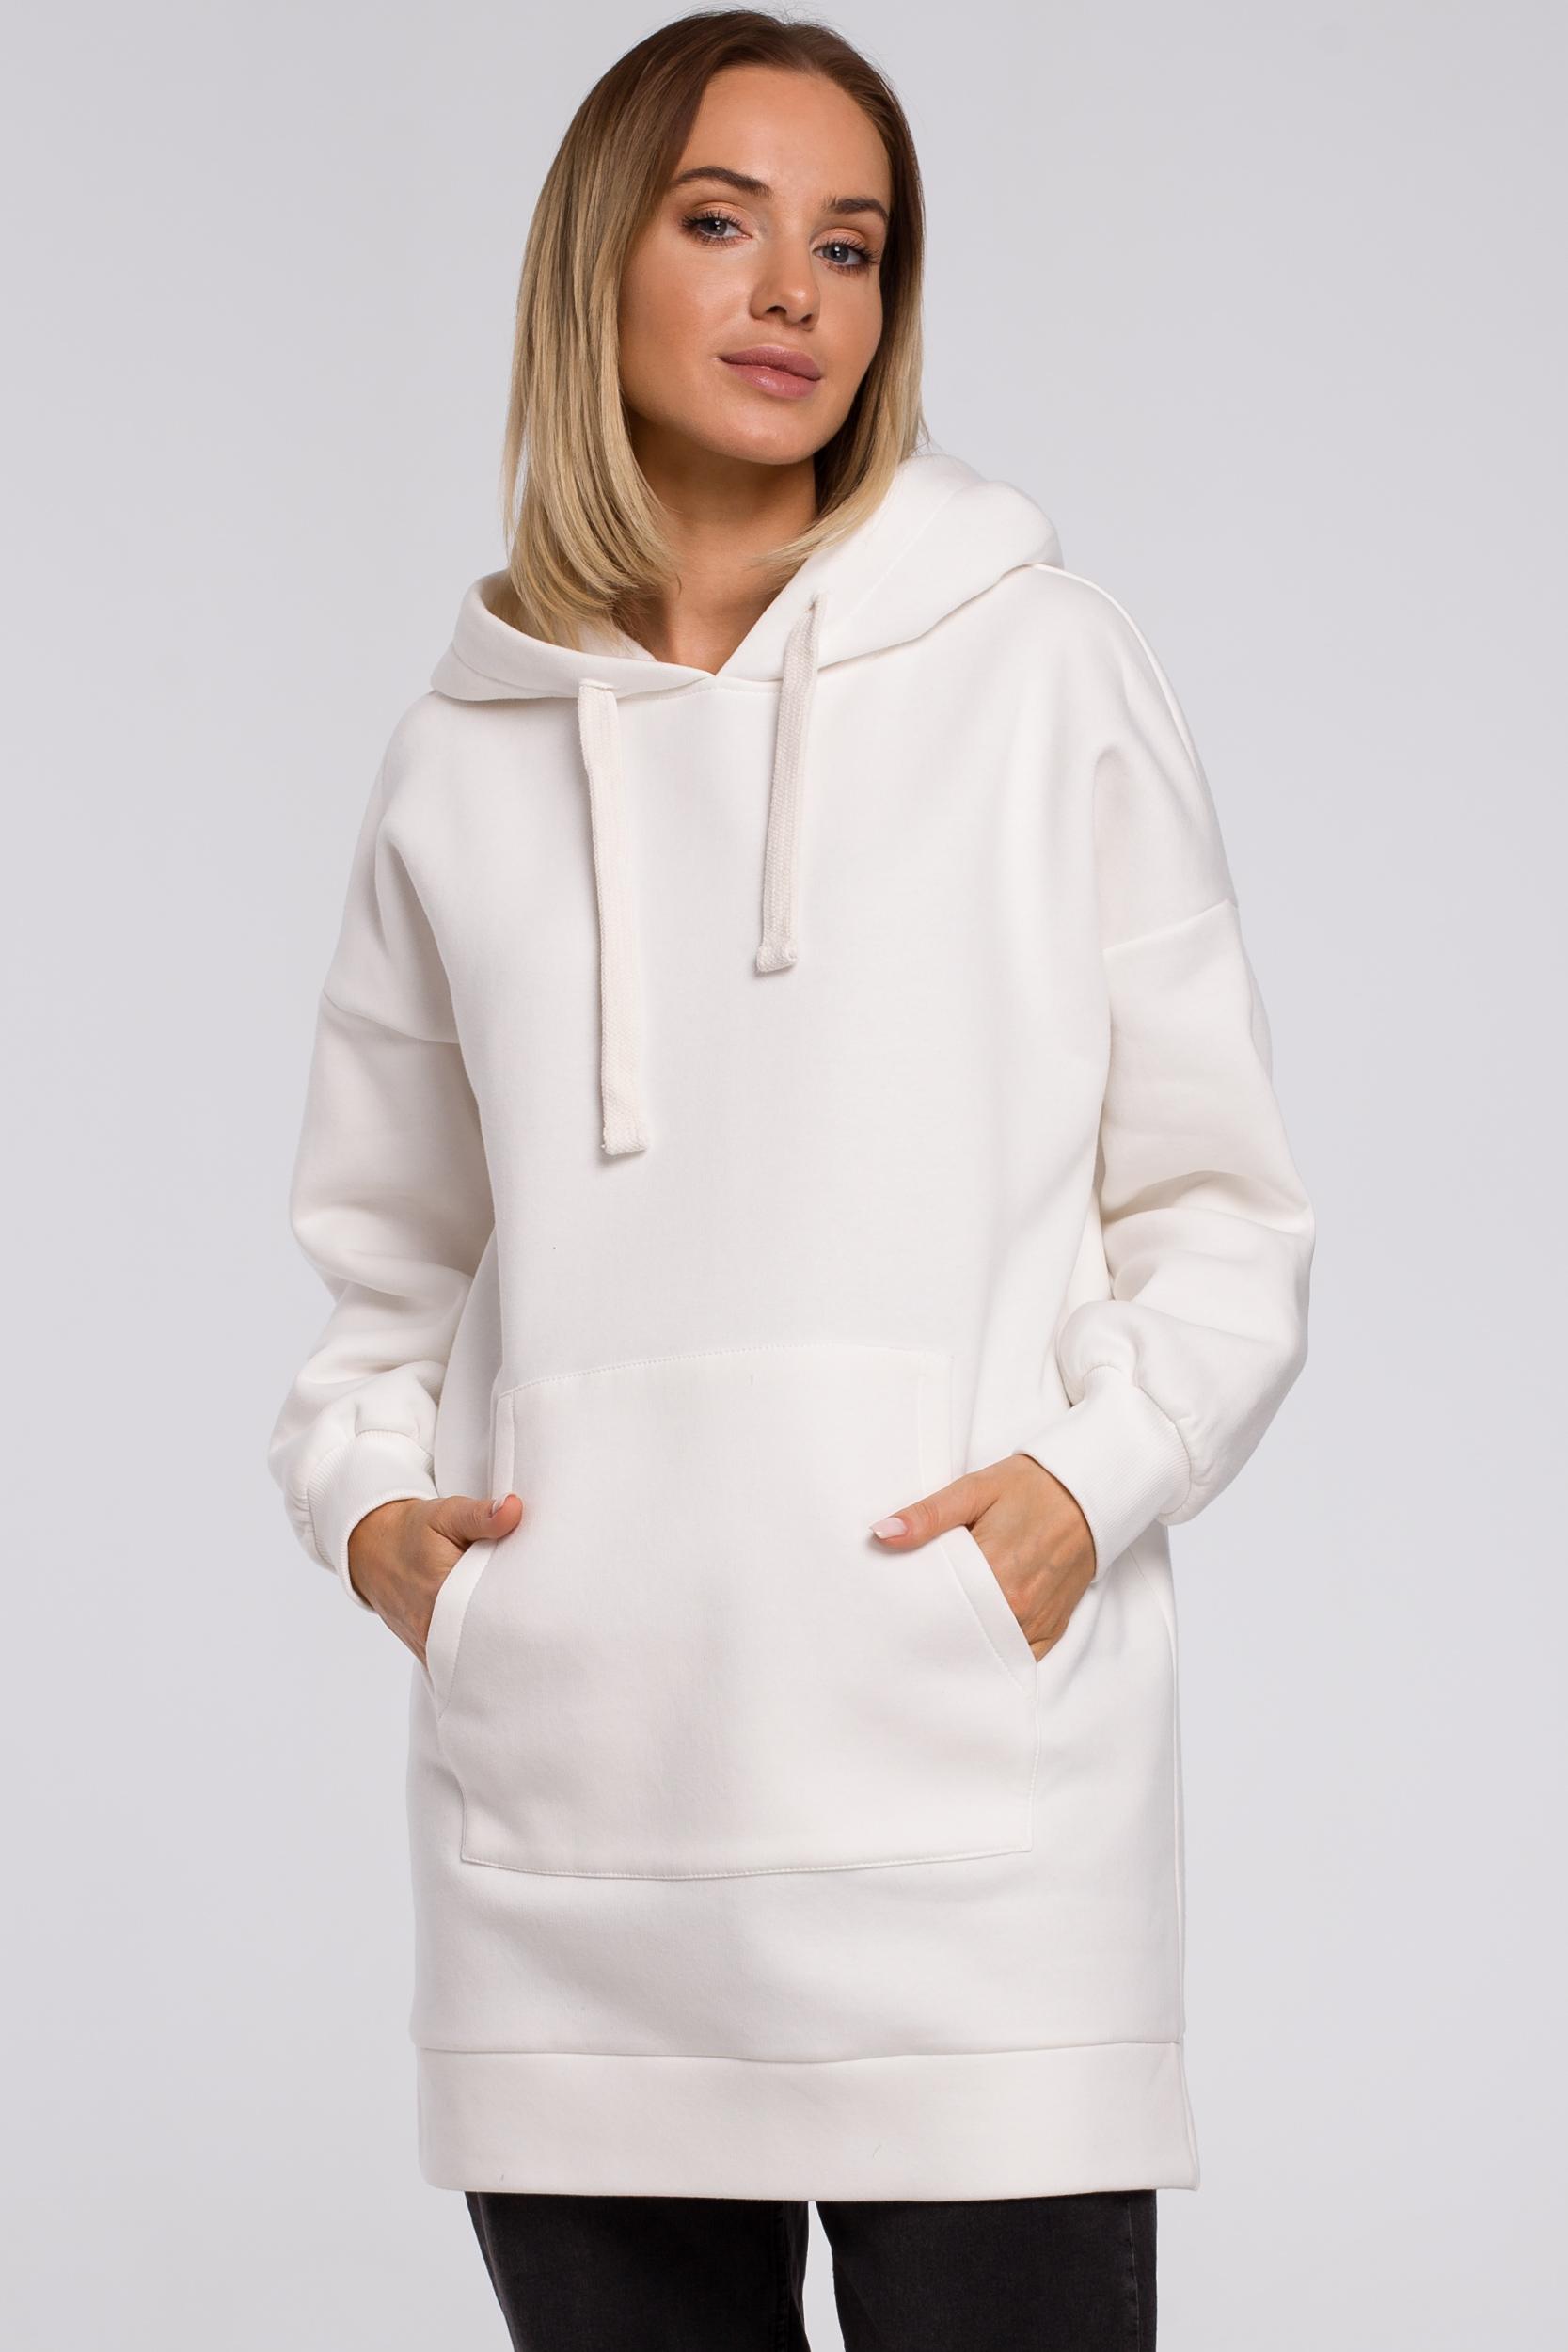 Oversized hoode Ecru